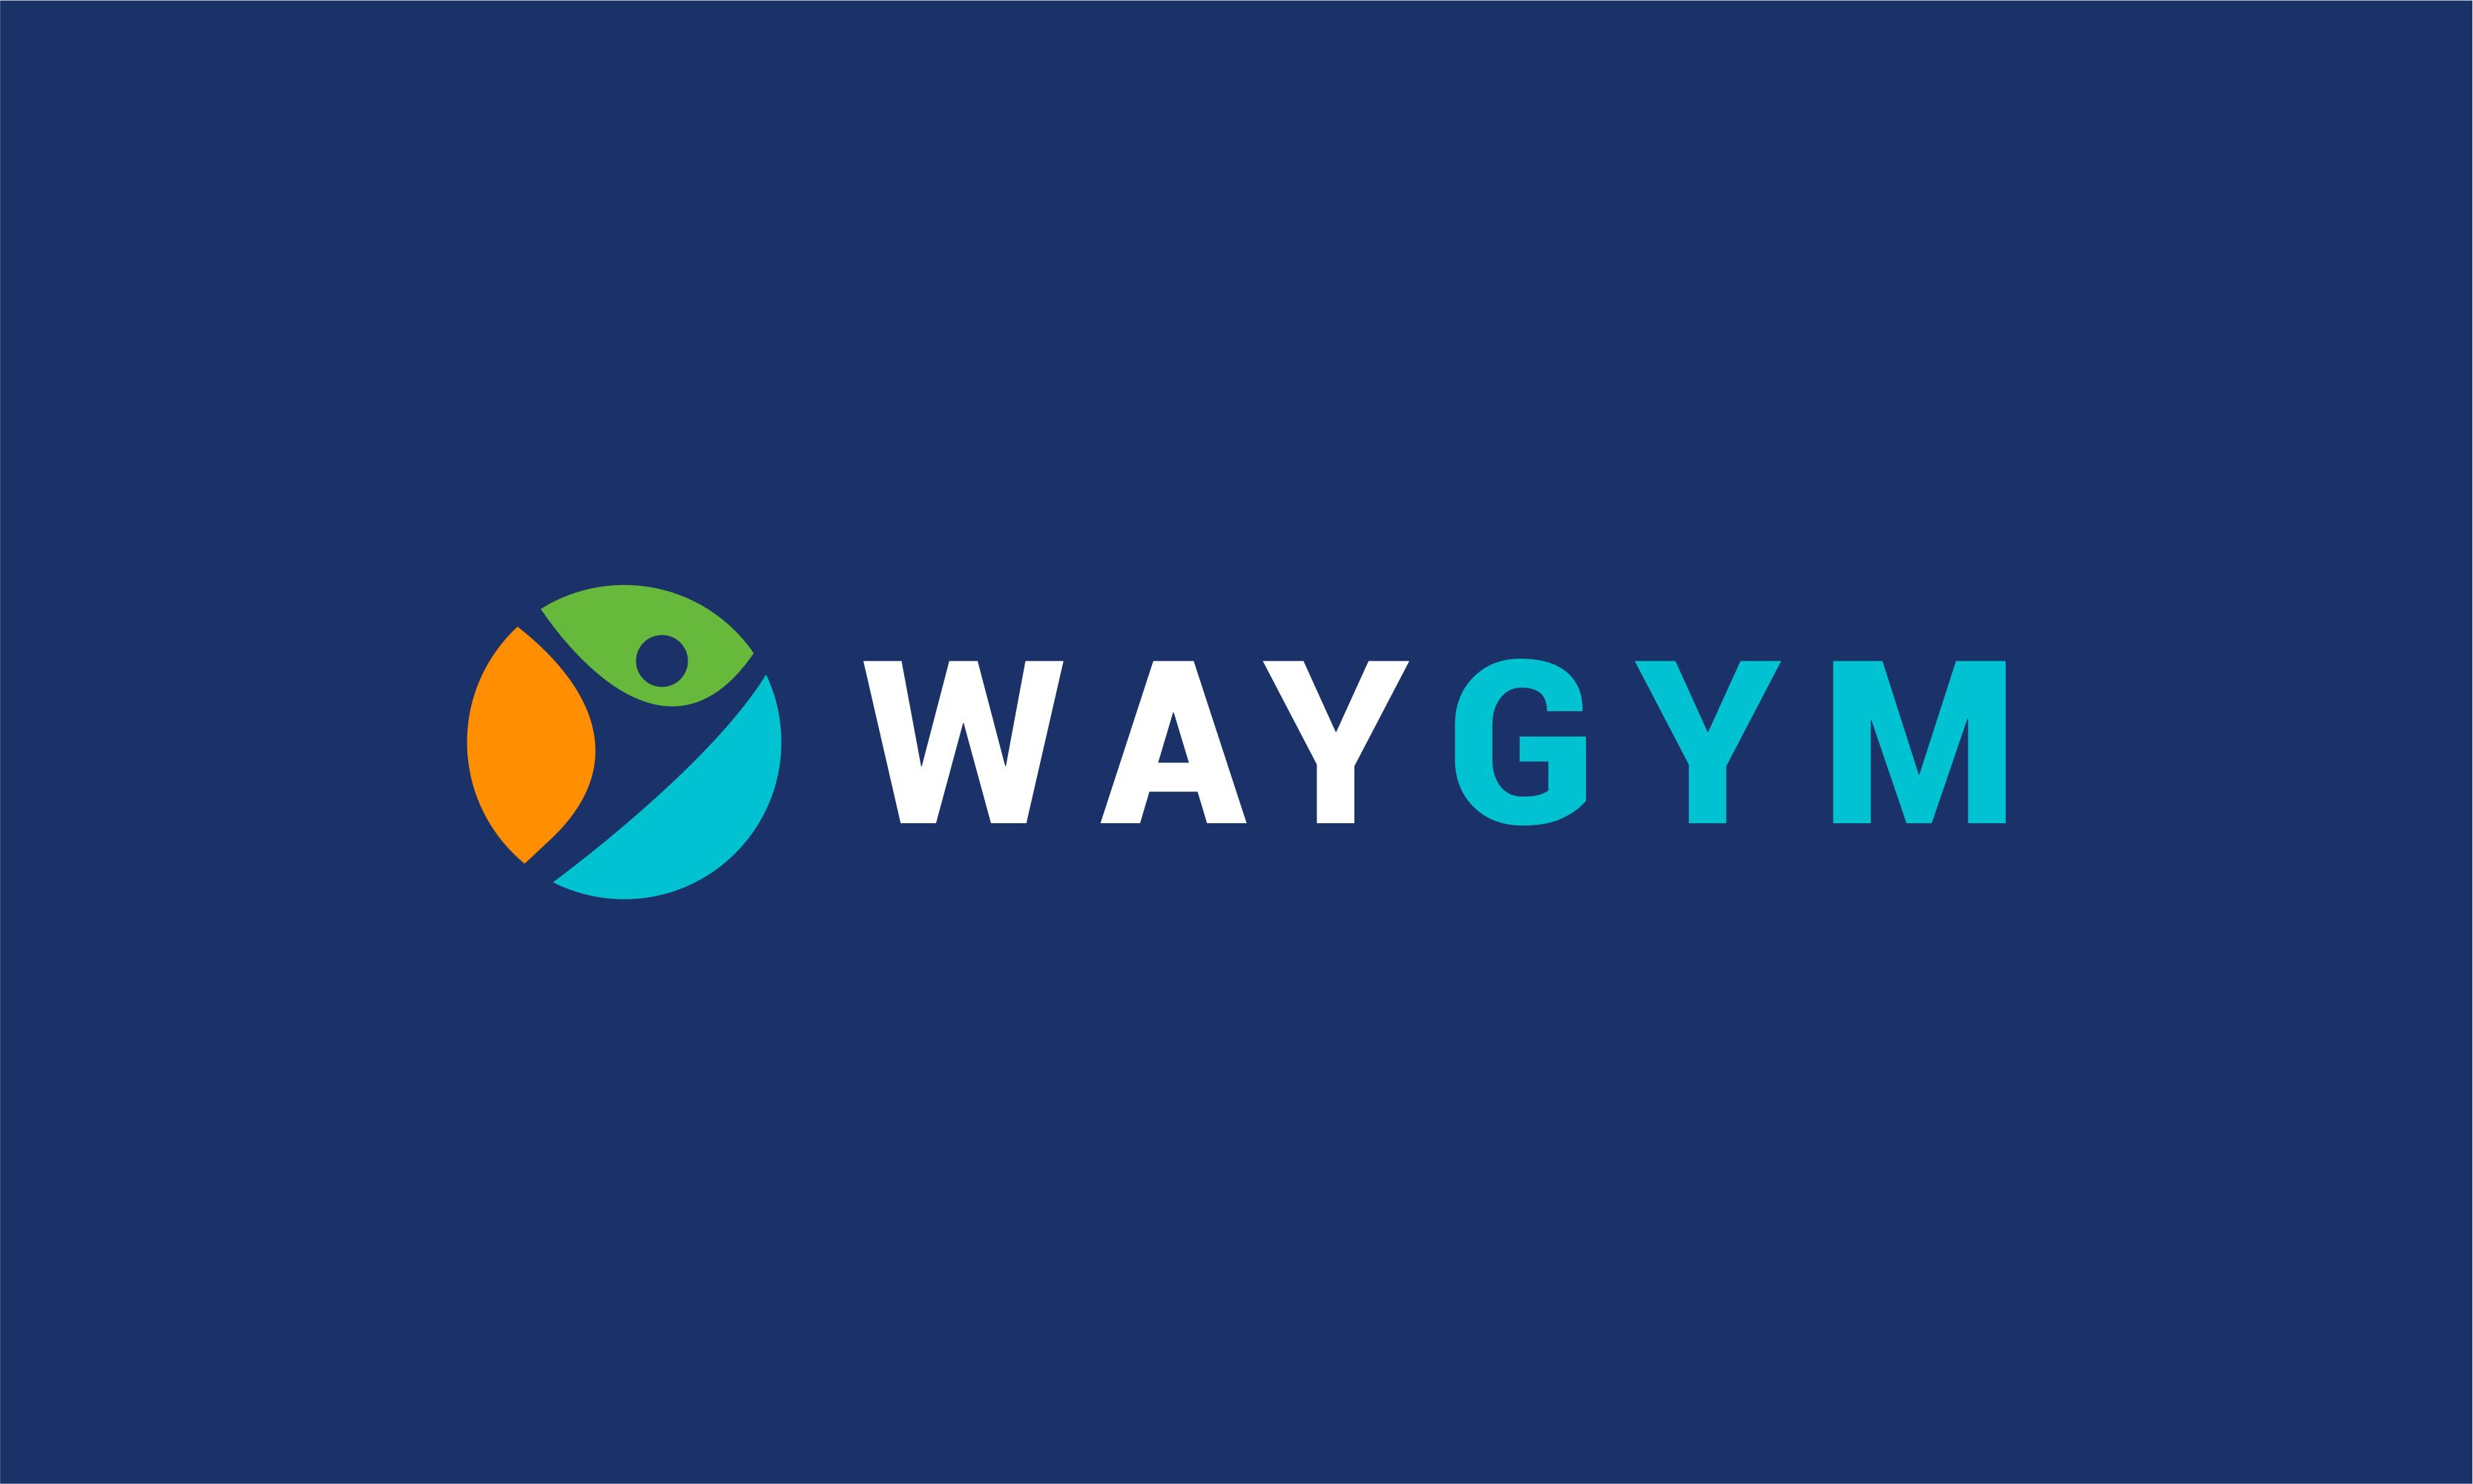 WayGym